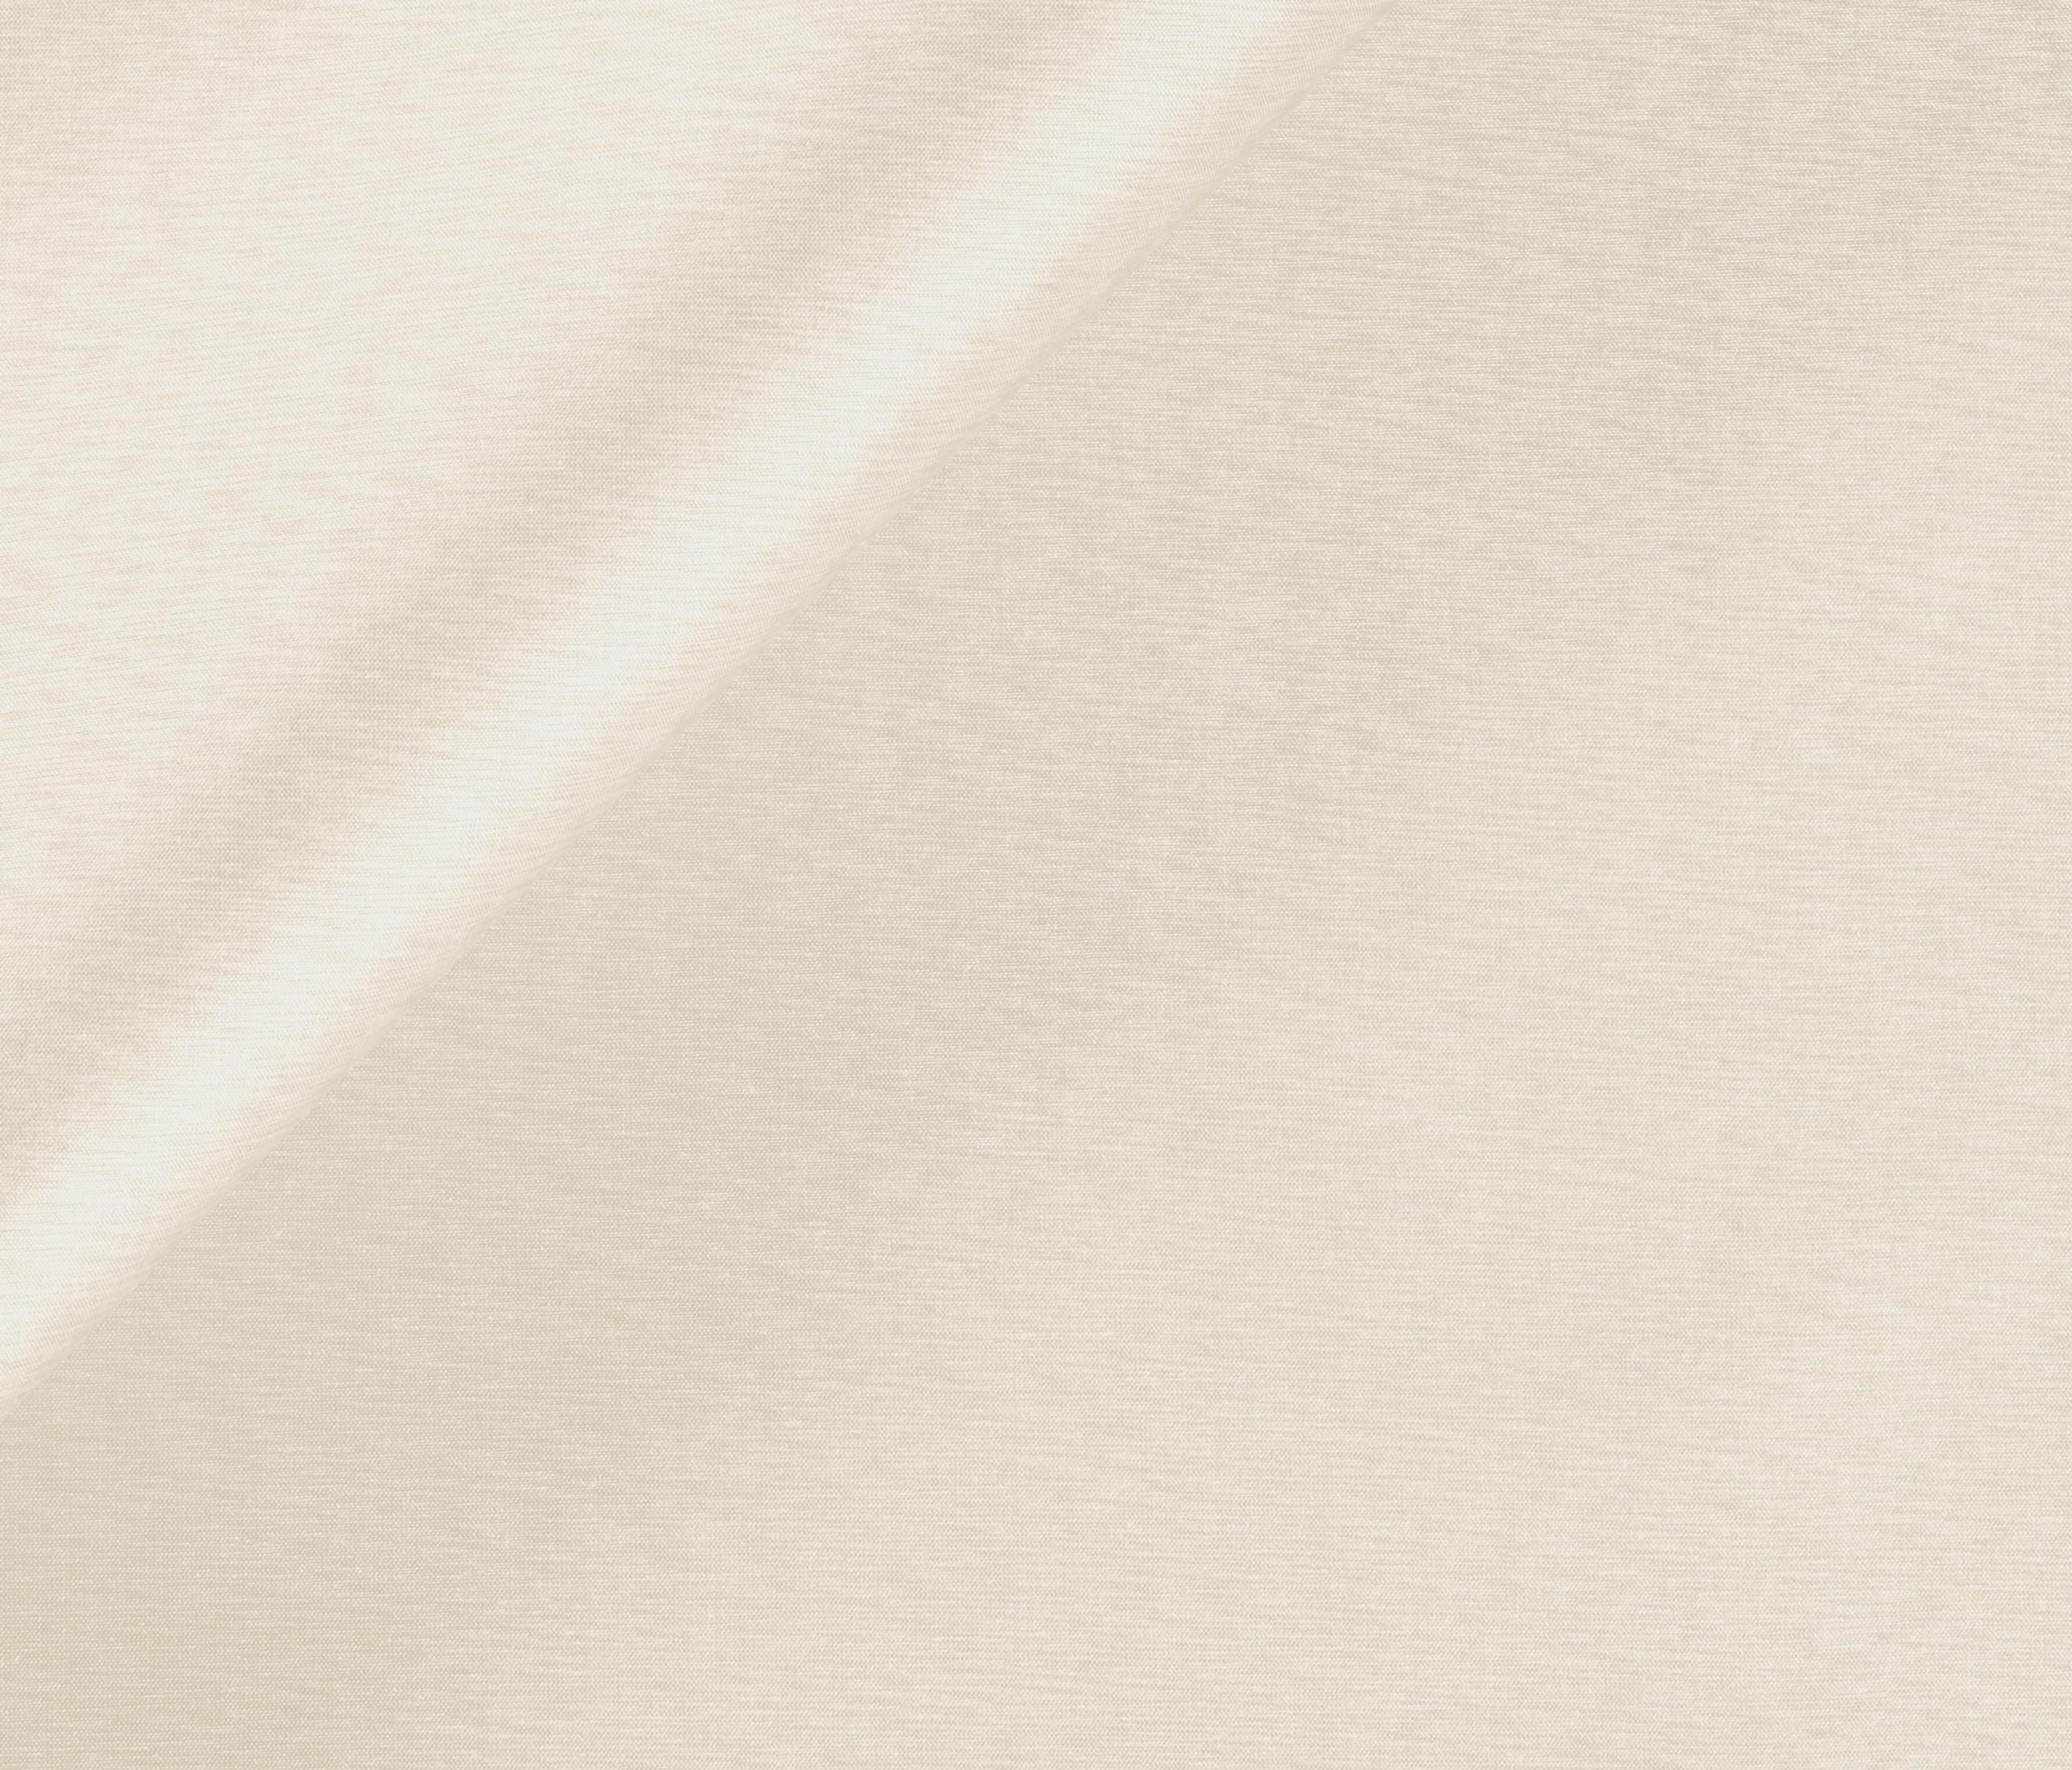 Tosca 2667-01 by SAHCO | Drapery fabrics